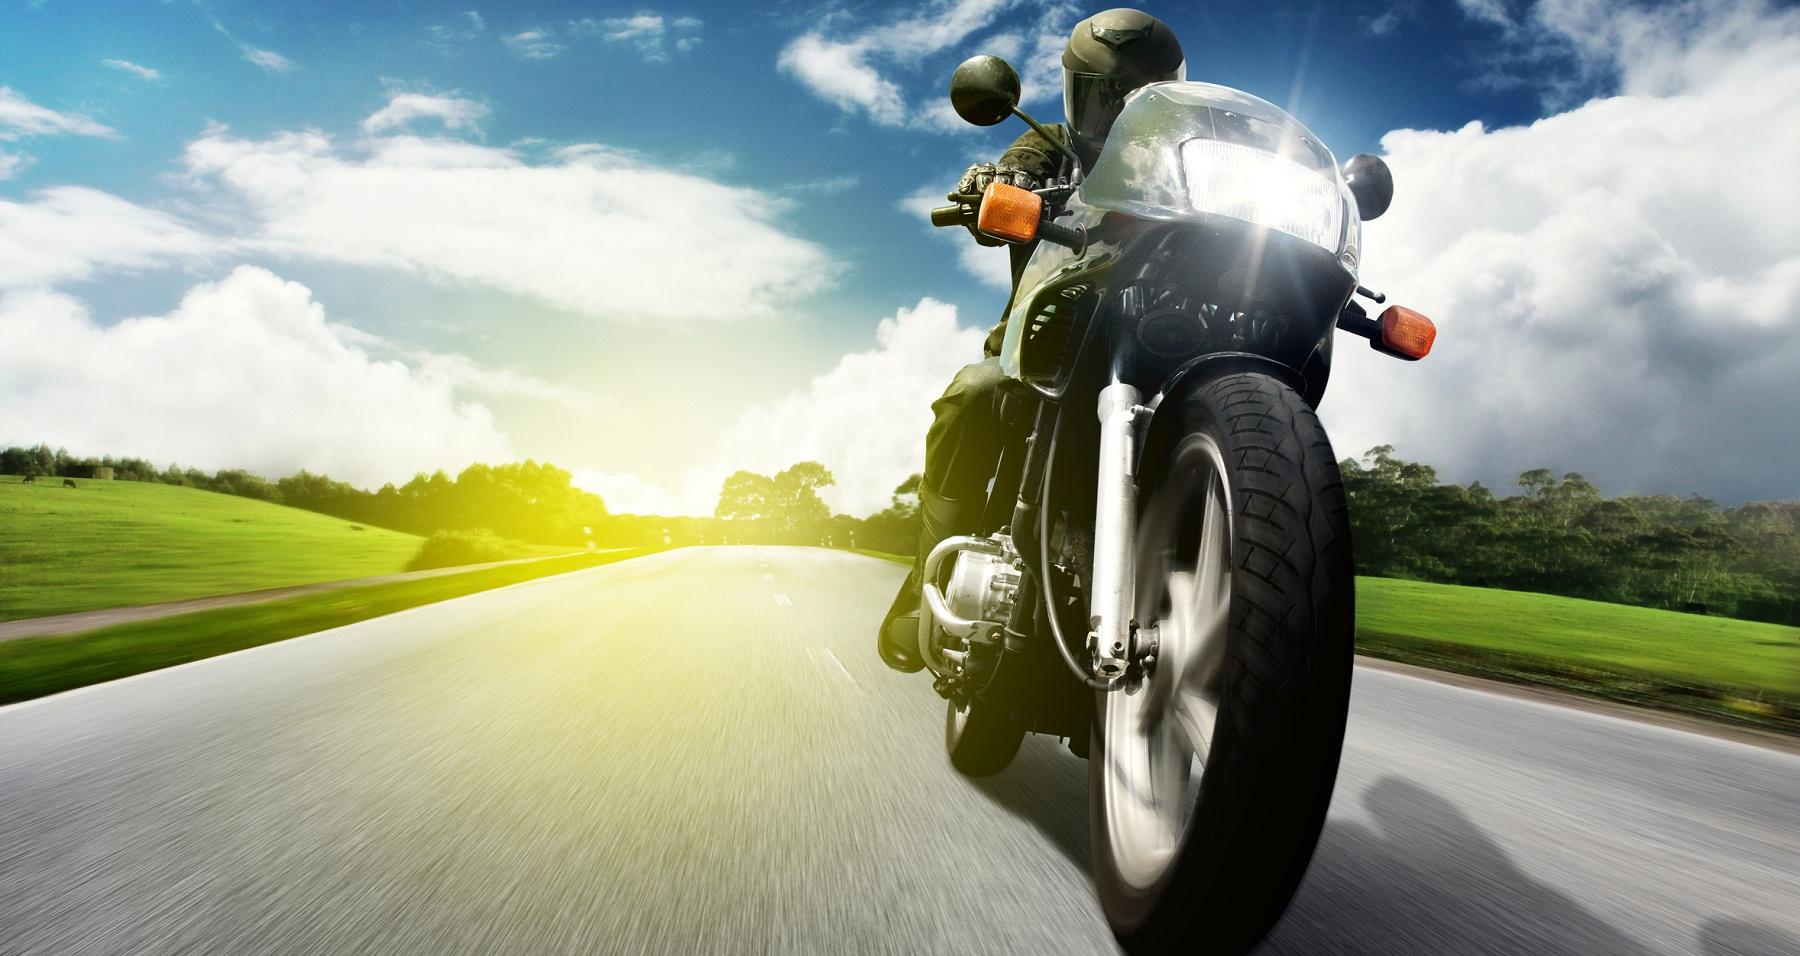 Rodage d'une moto : les bonnes pratiques